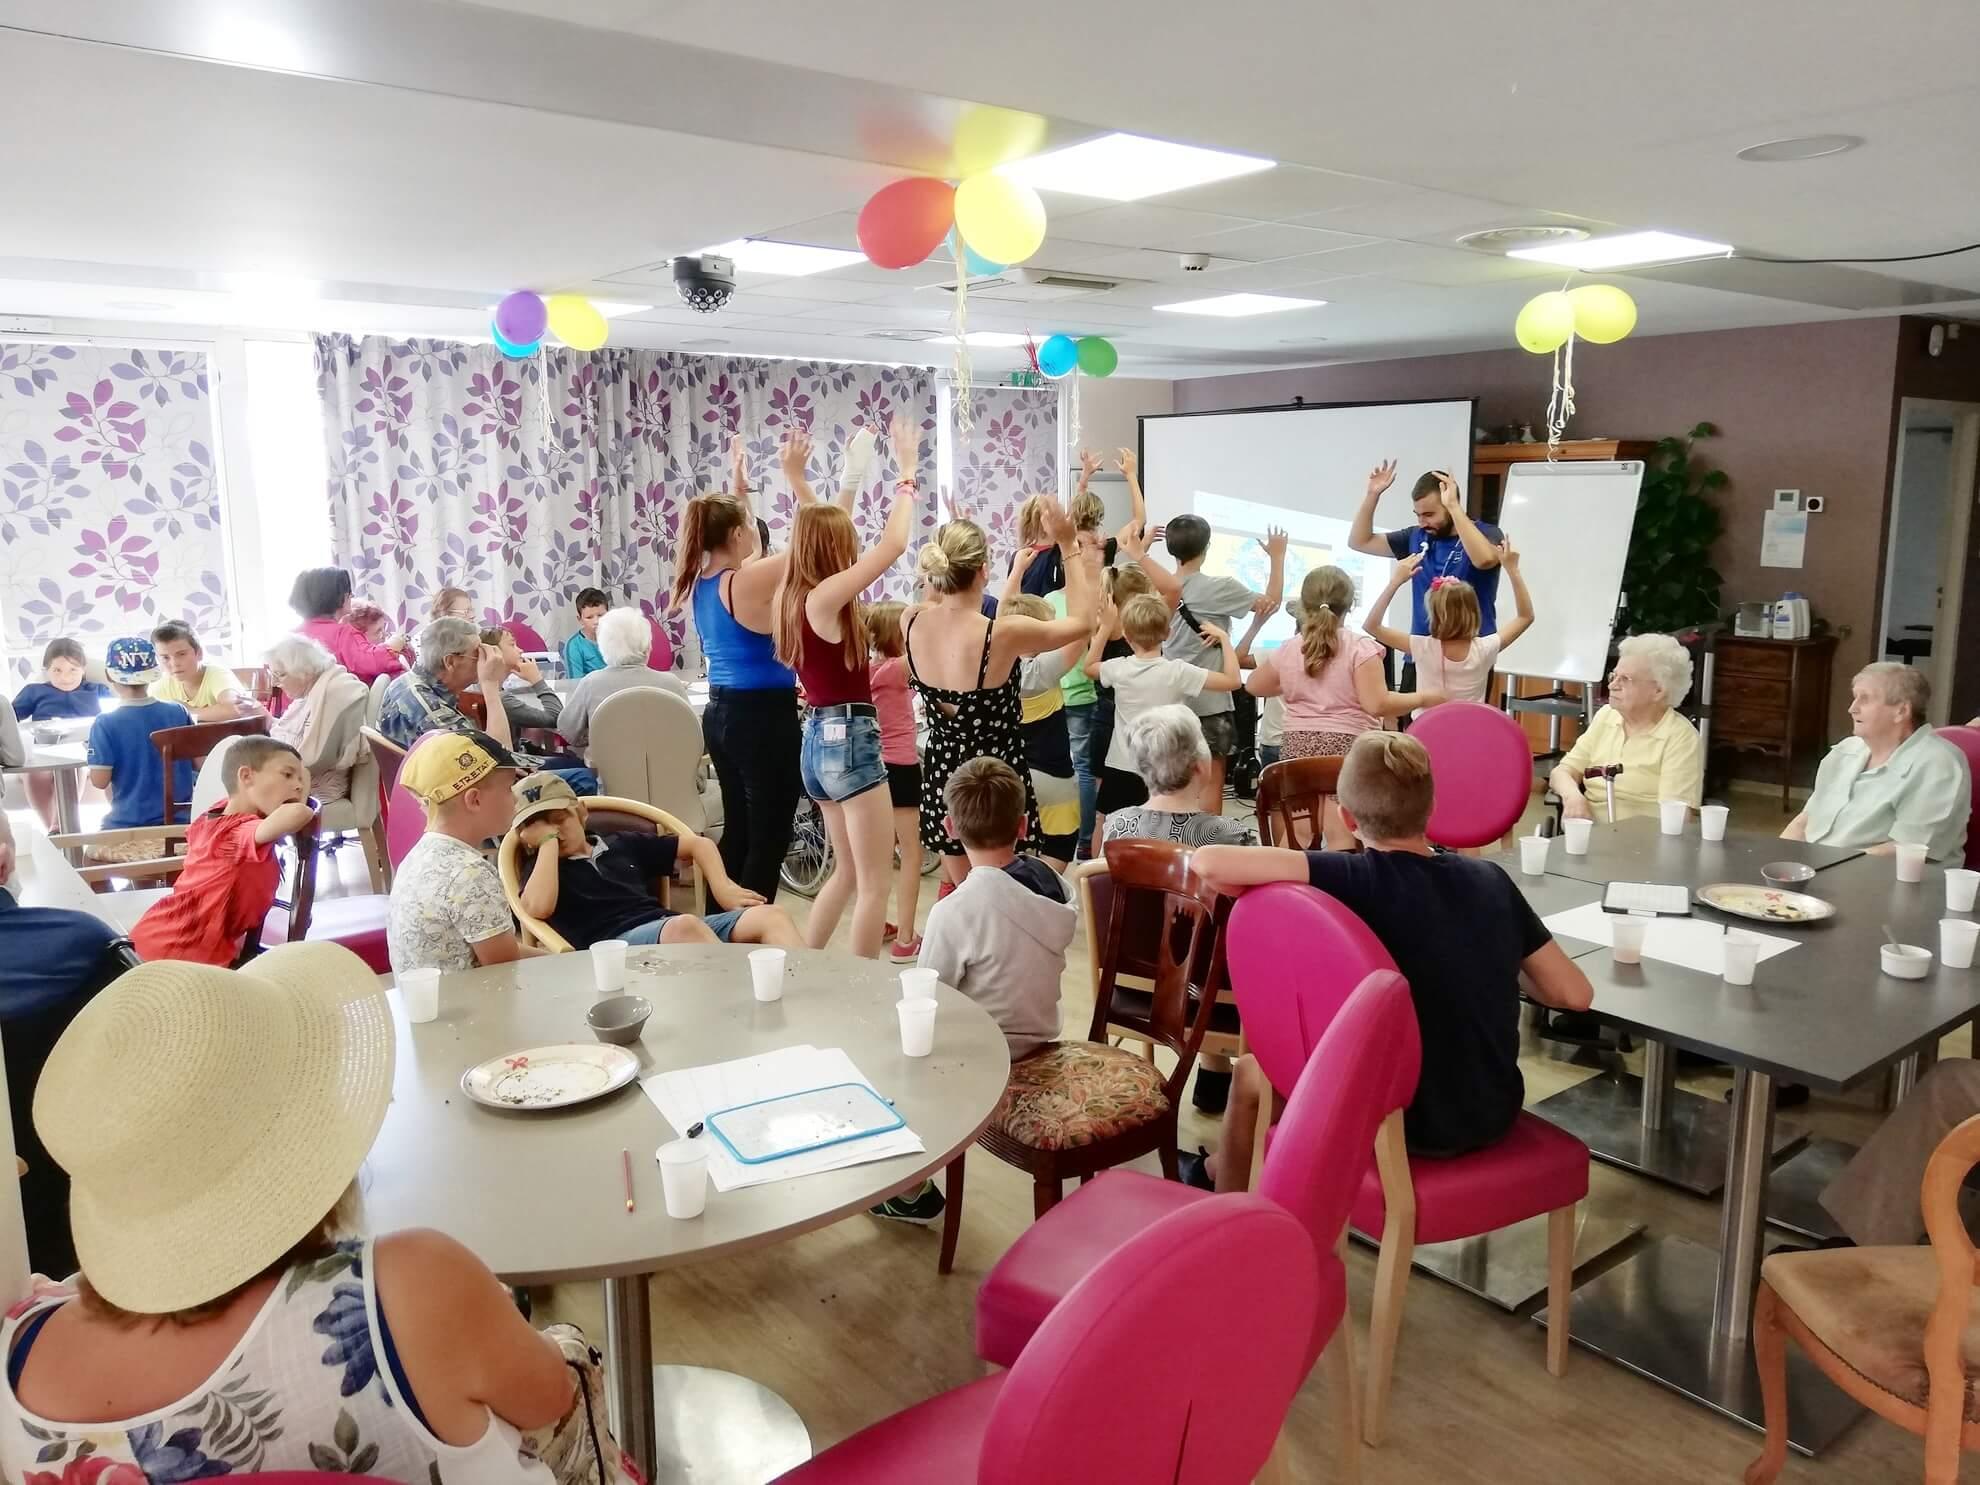 rencontre intergénérationnelle centre loisirs de marck ehpad les lilas marck en calaisis (1)